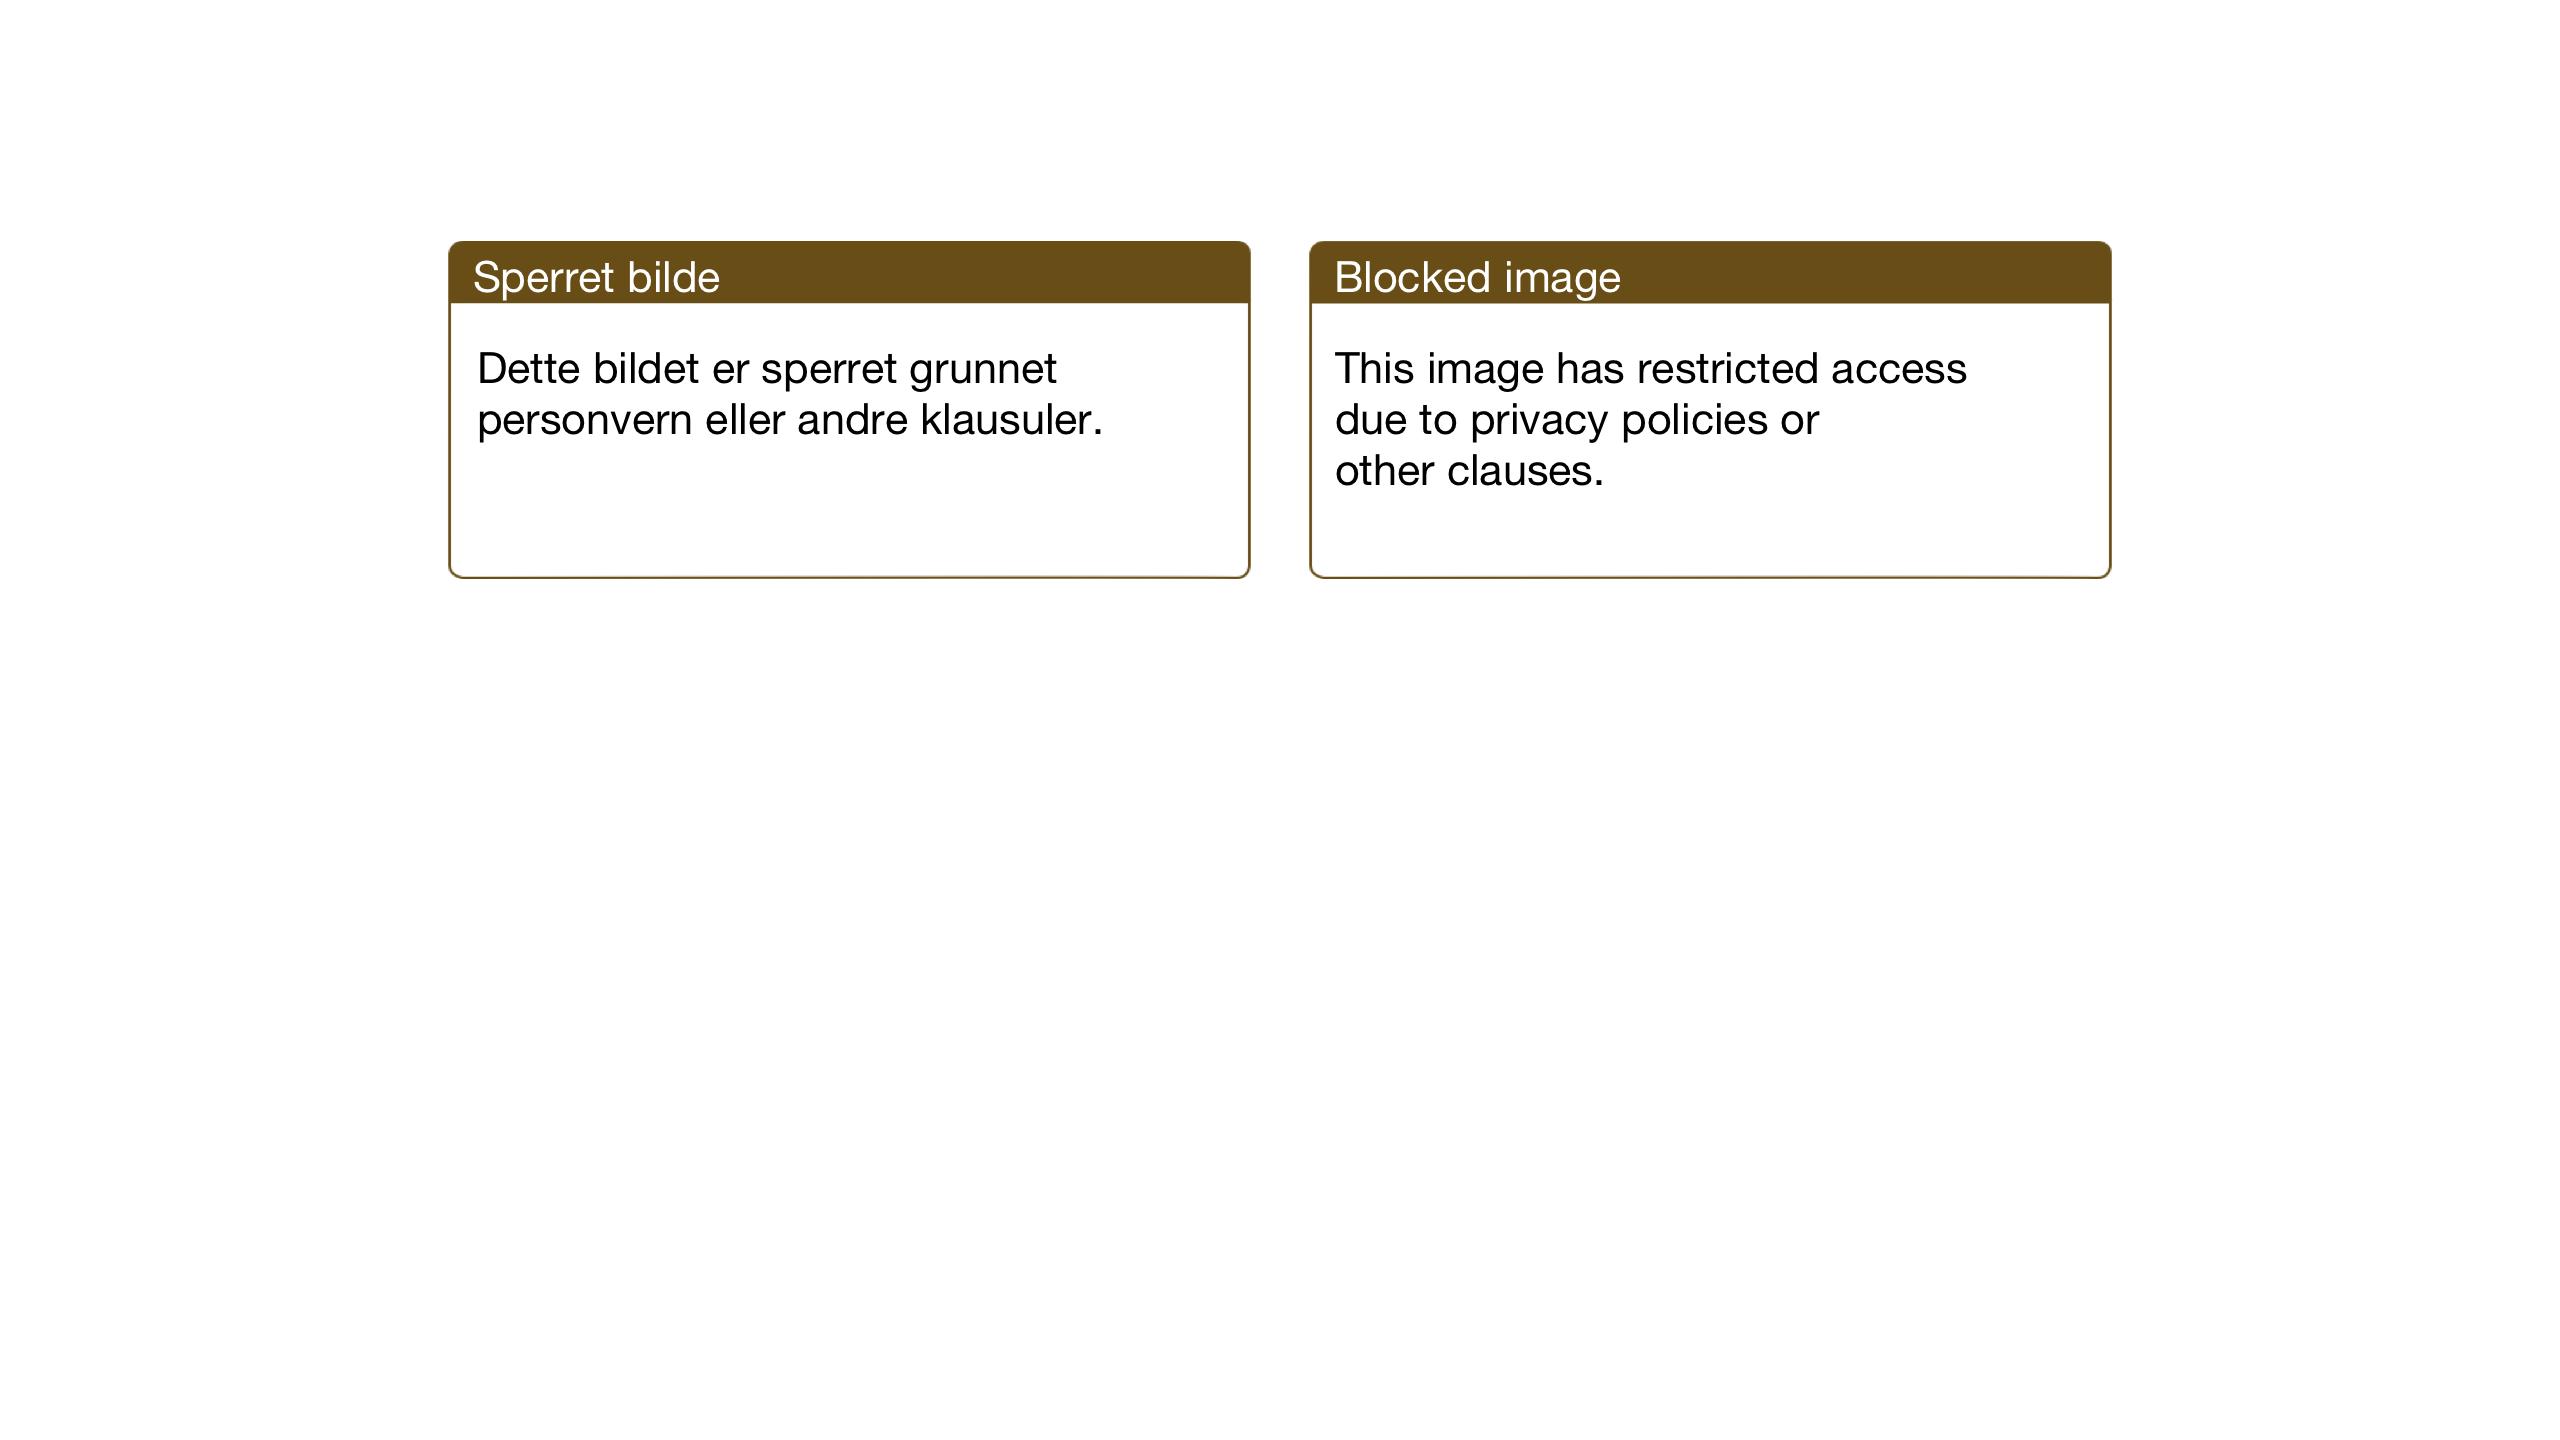 SAT, Ministerialprotokoller, klokkerbøker og fødselsregistre - Sør-Trøndelag, 669/L0832: Klokkerbok nr. 669C02, 1925-1953, s. 75